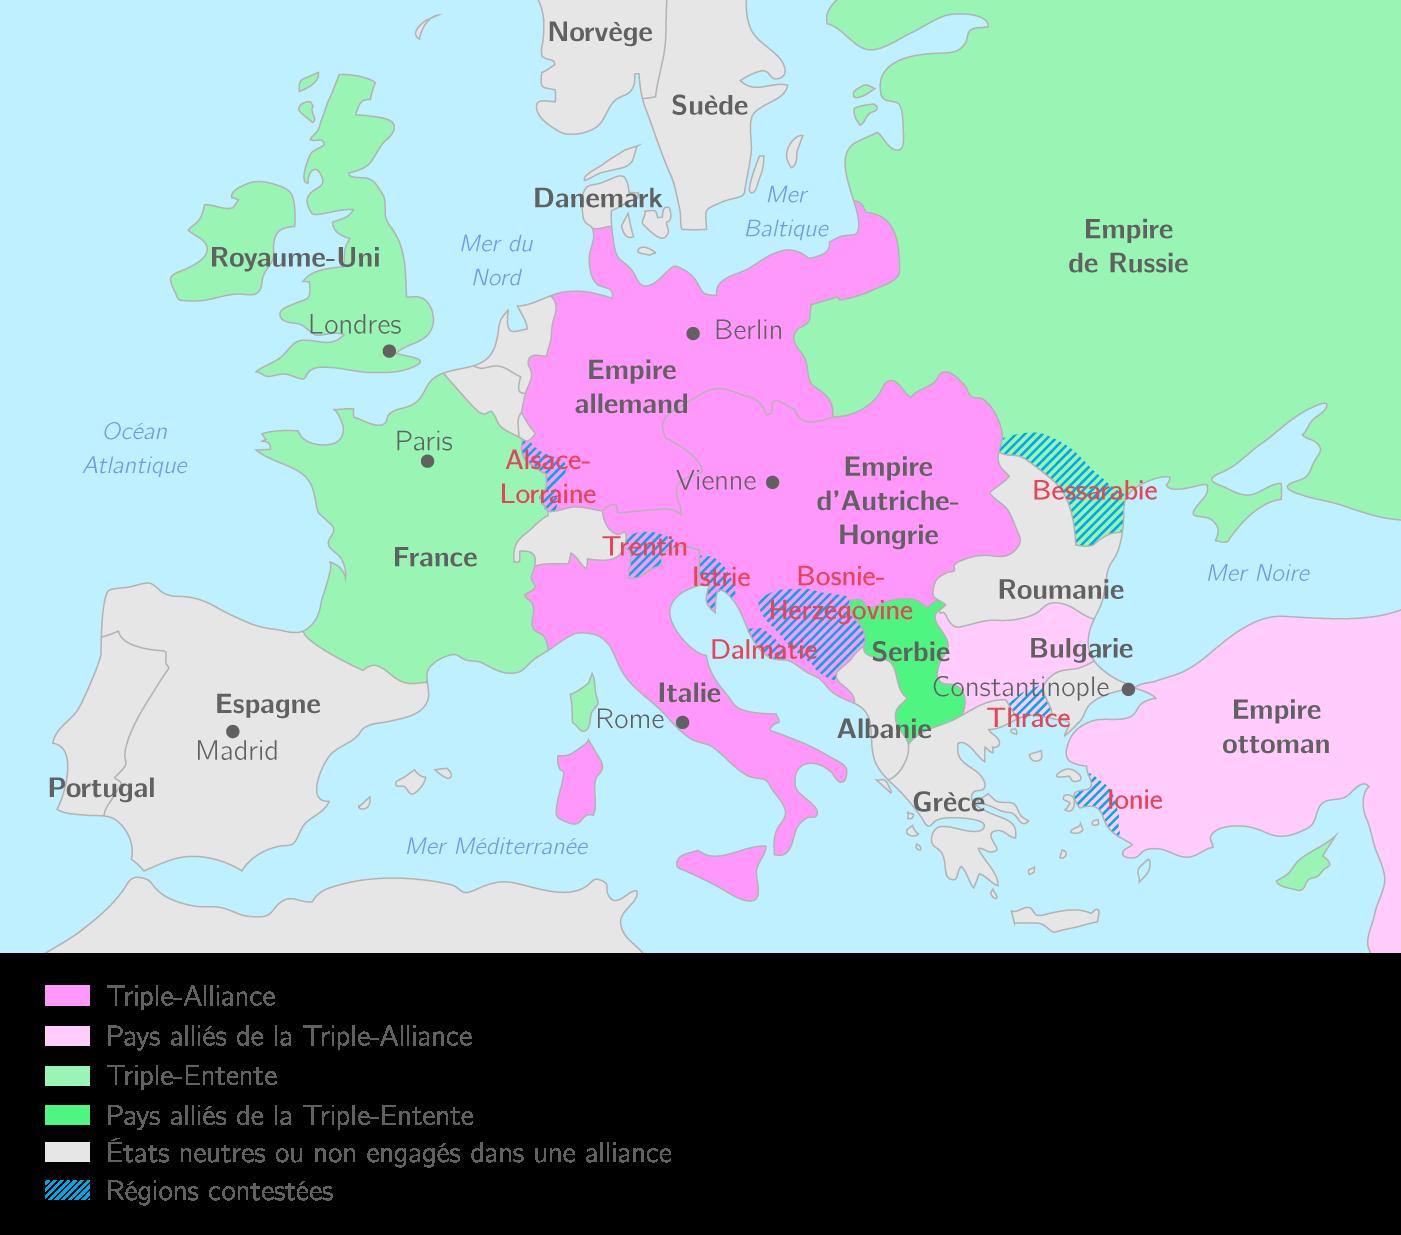 Les alliances européennes en 1914